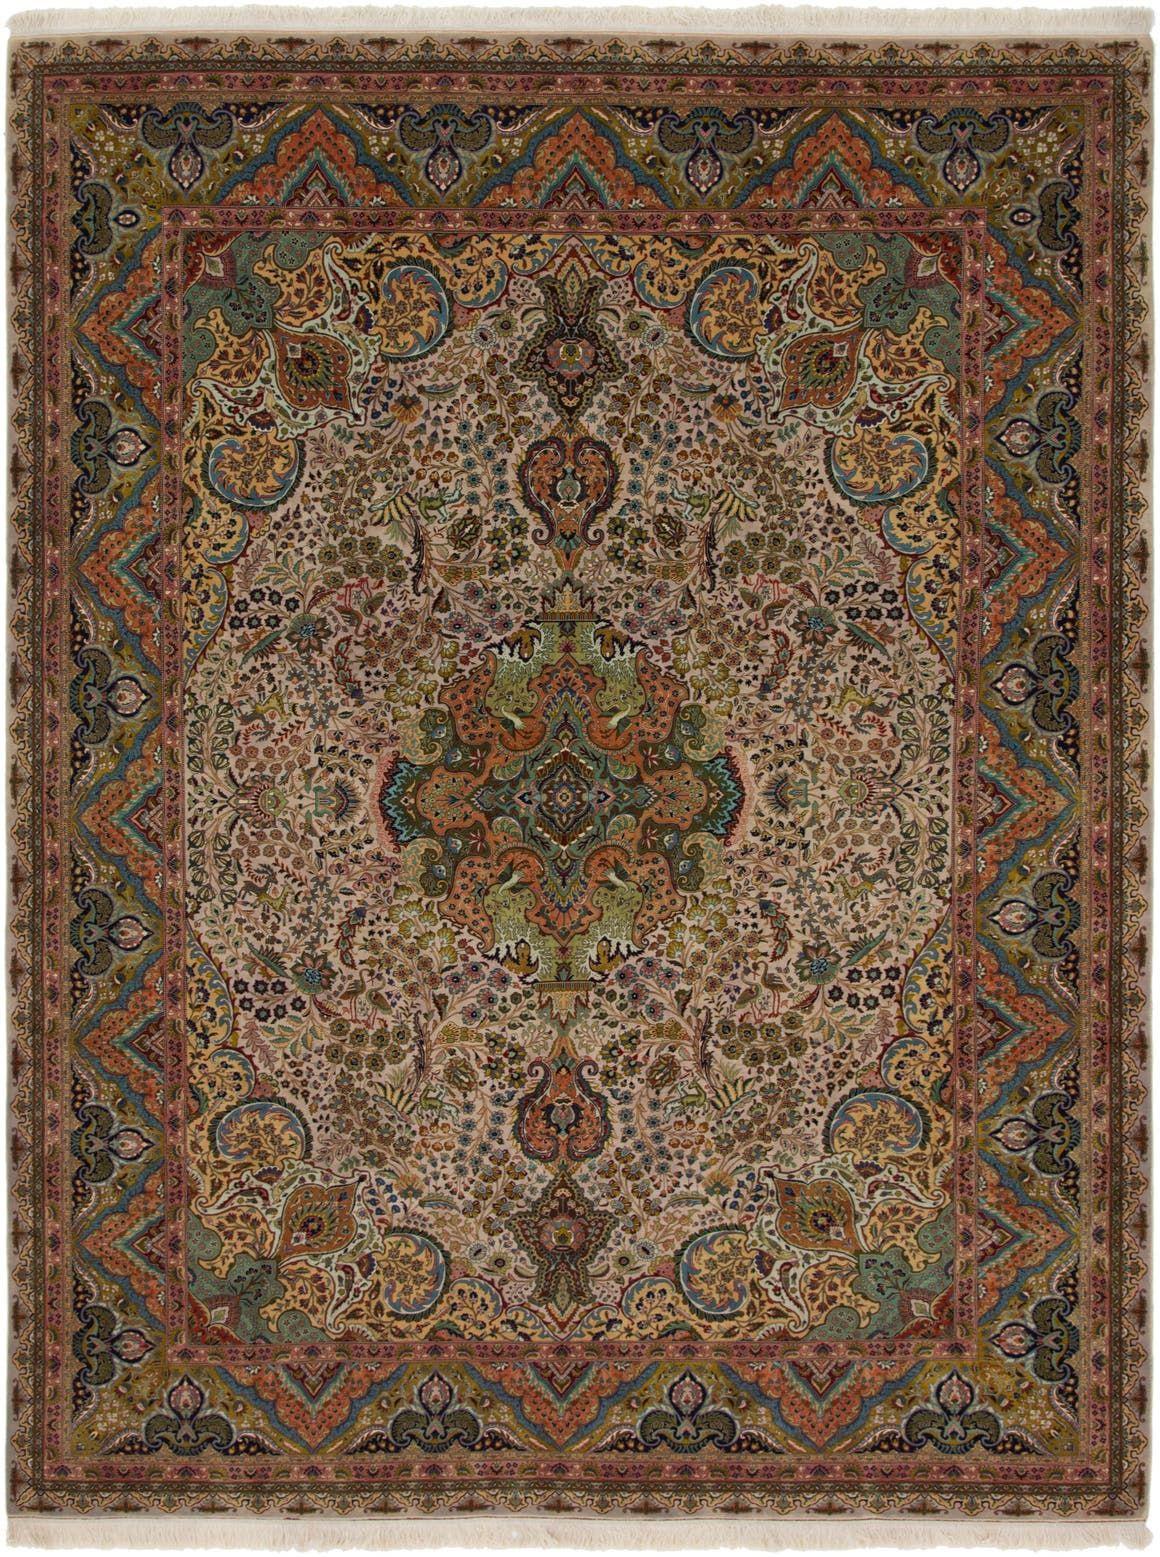 Multicolor 9 9 X 13 Tabriz Persian Rug Esalerugs In 2020 Persian Rug Rugs Rugs On Carpet